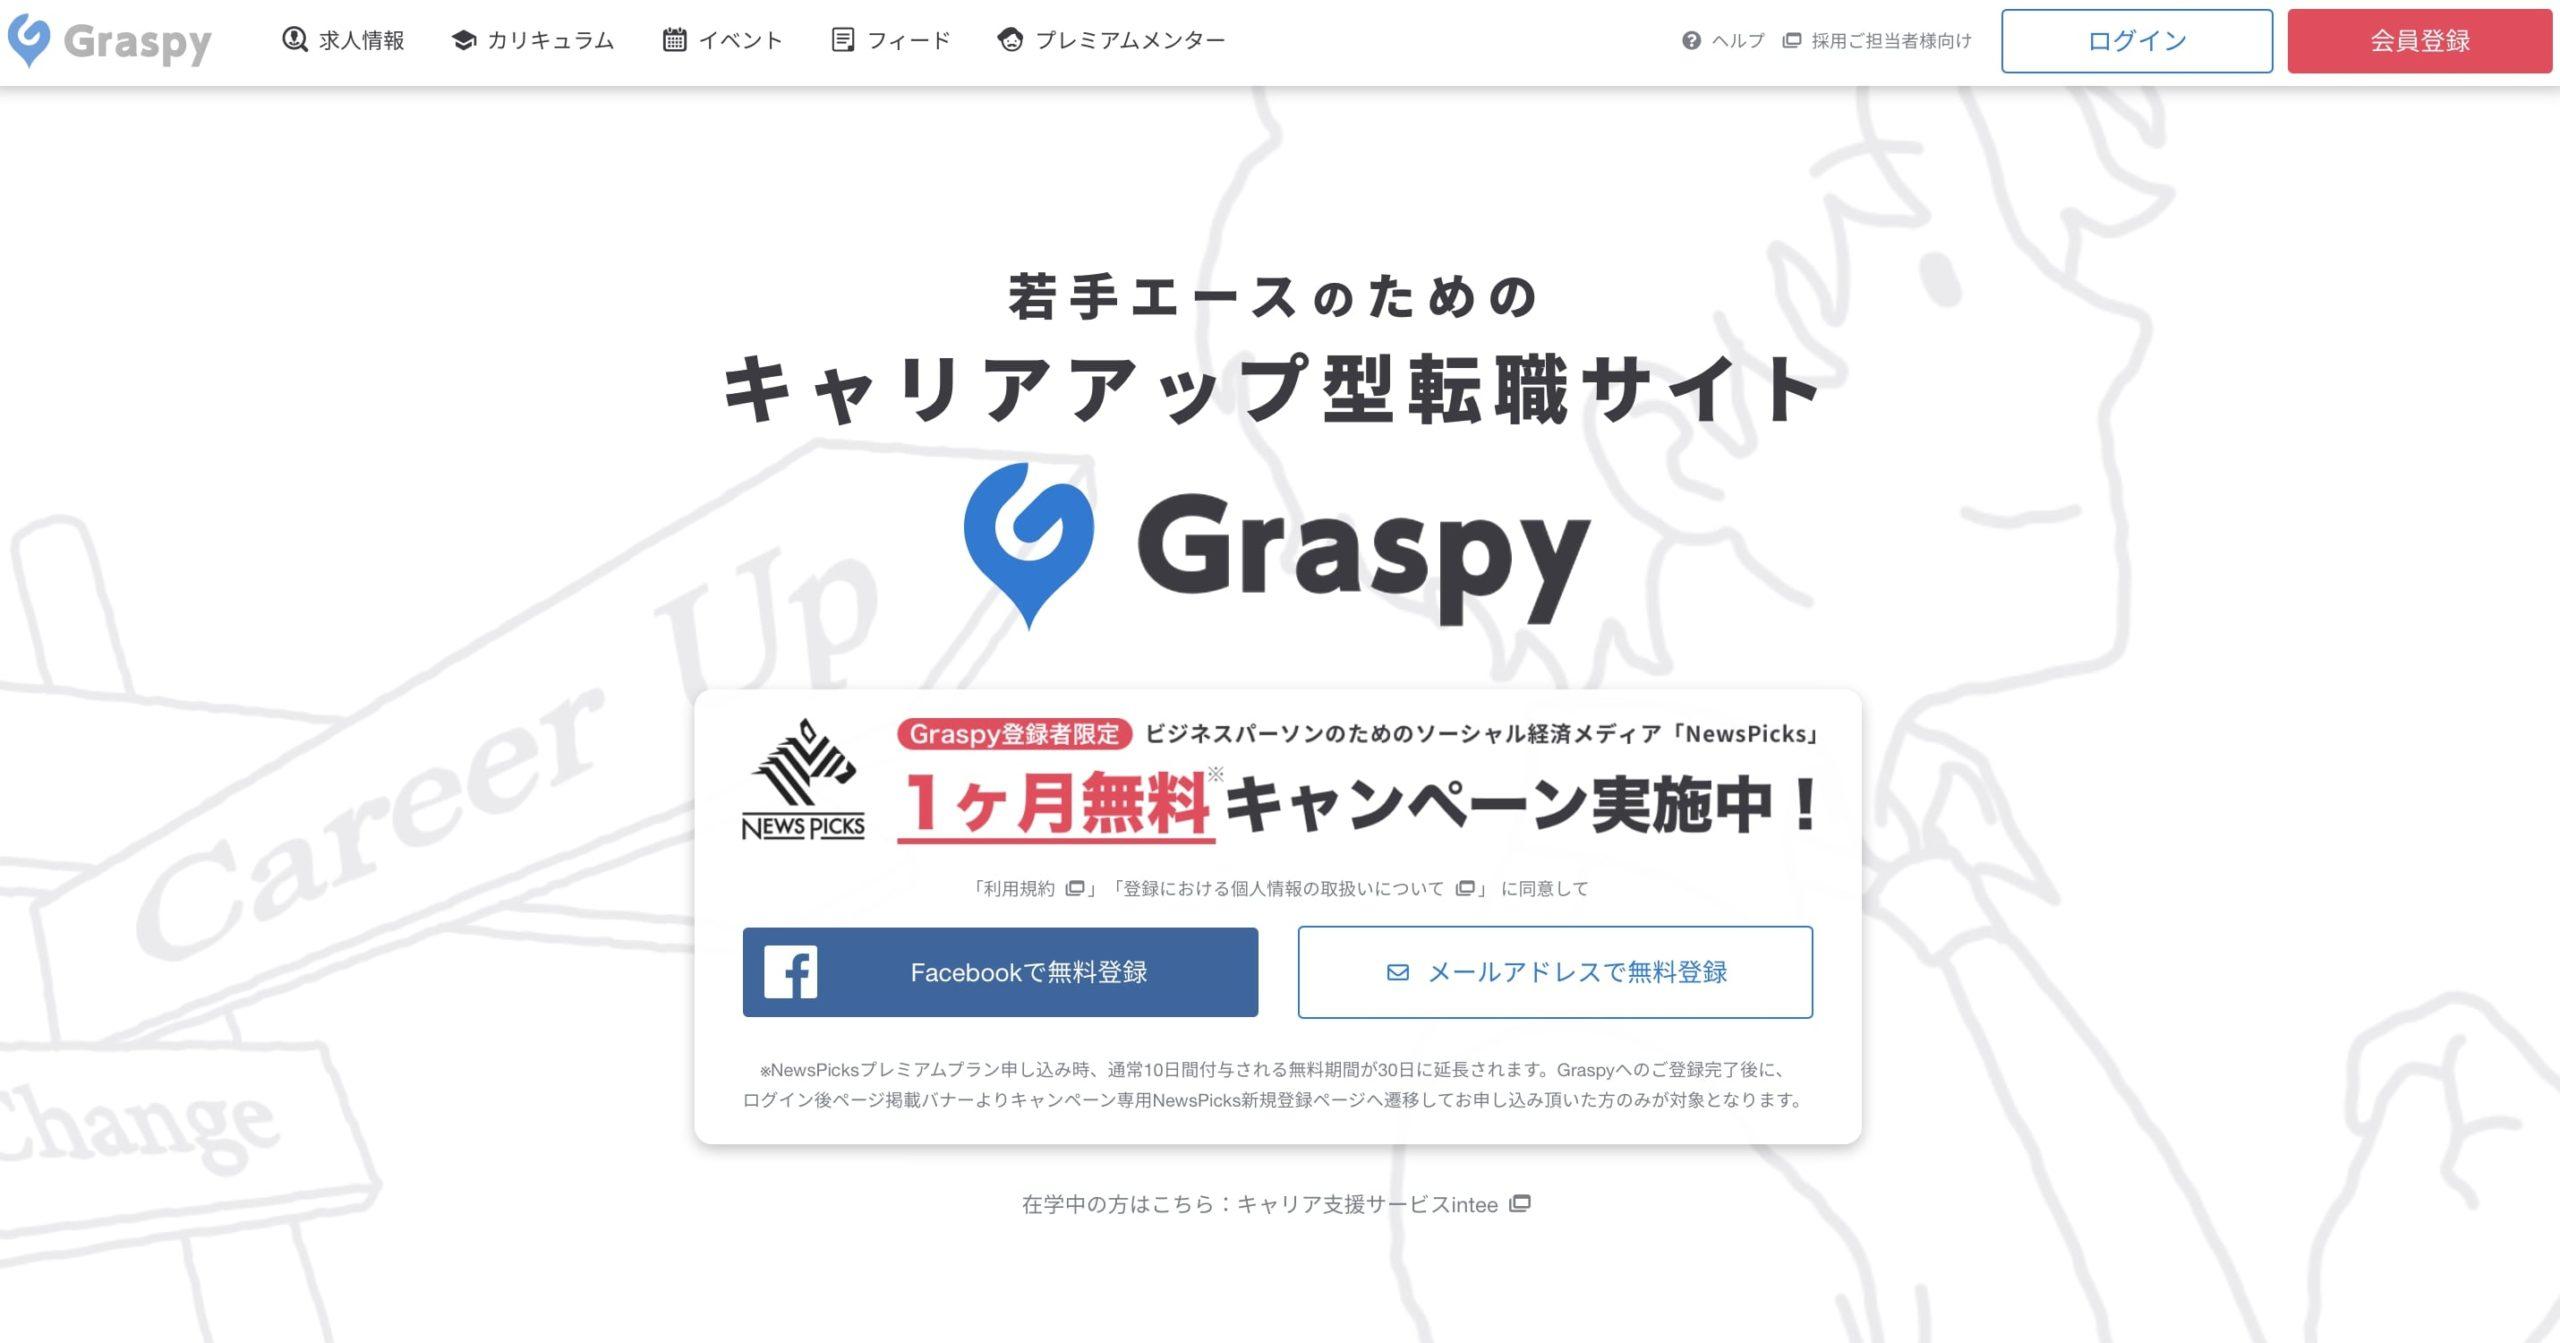 Graspyのトップページ